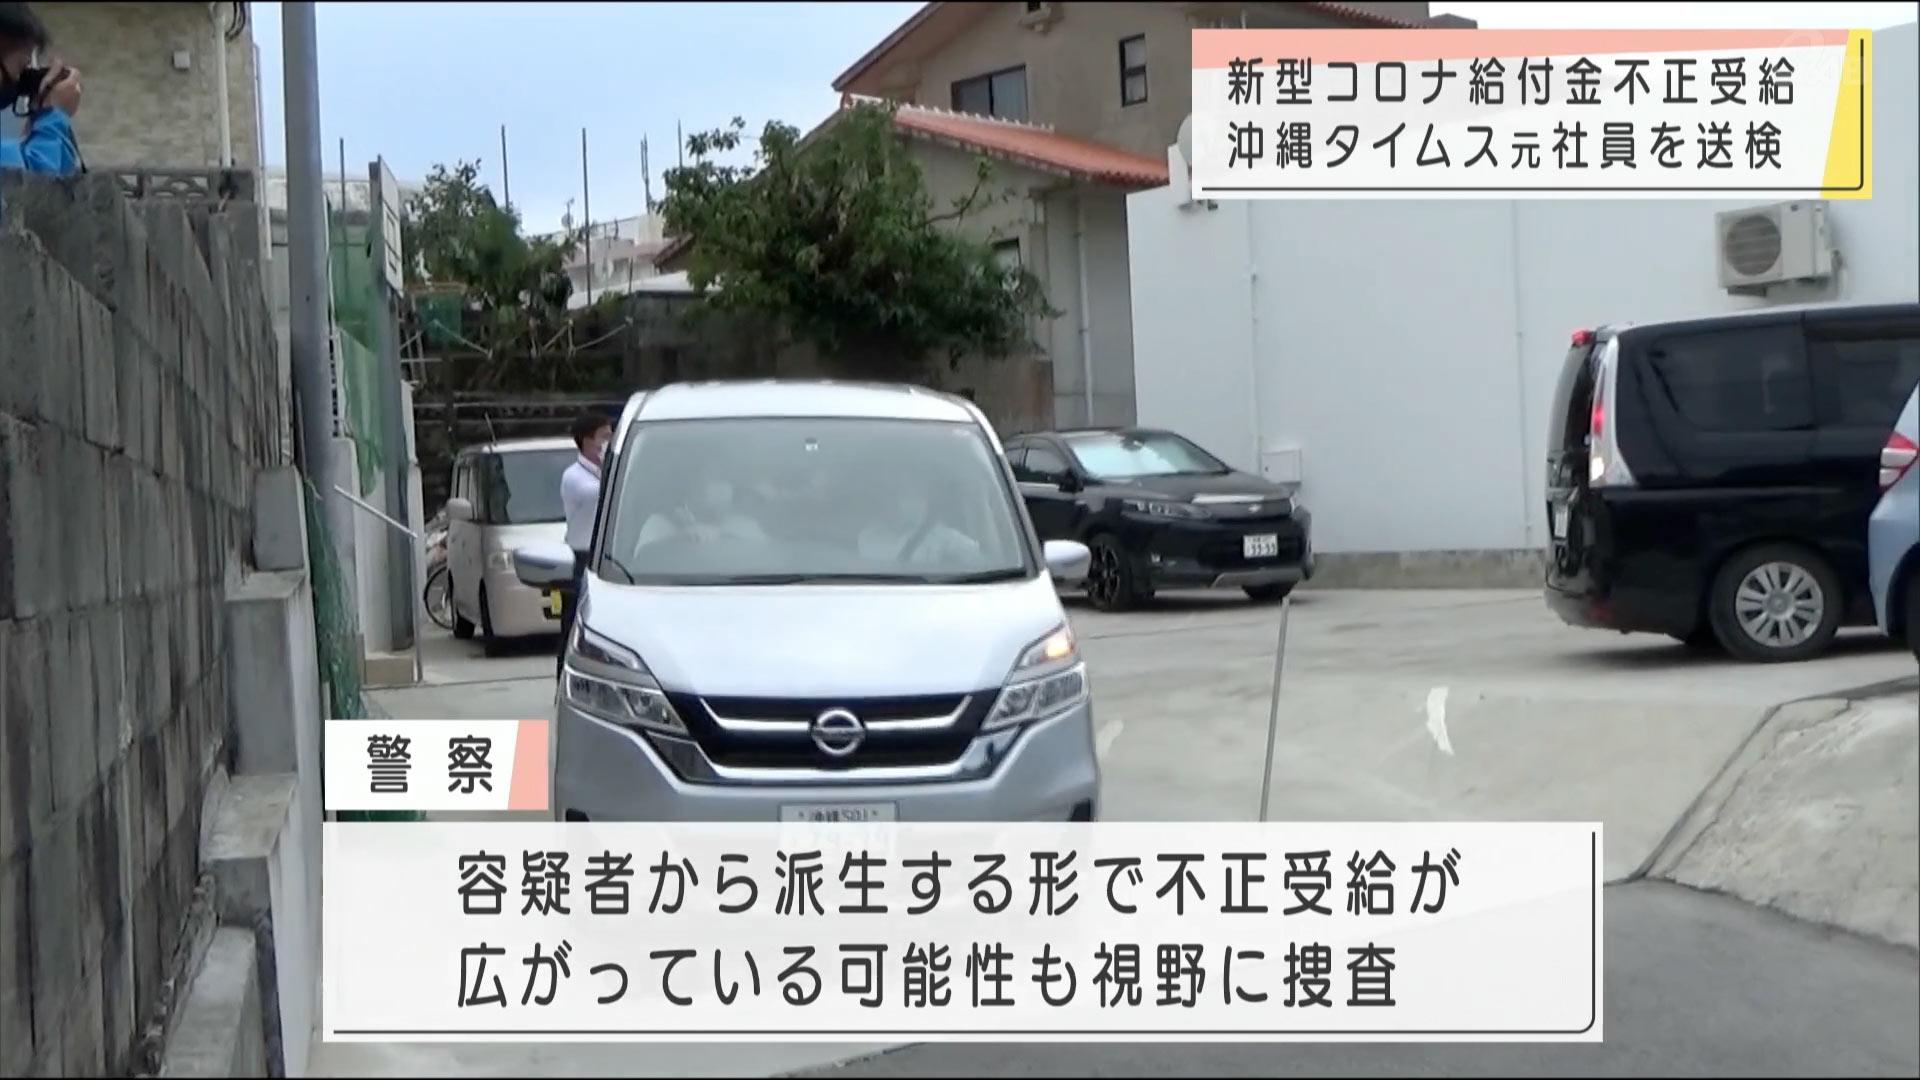 持続化給付金不正受給の沖縄タイムス社元社員を送検